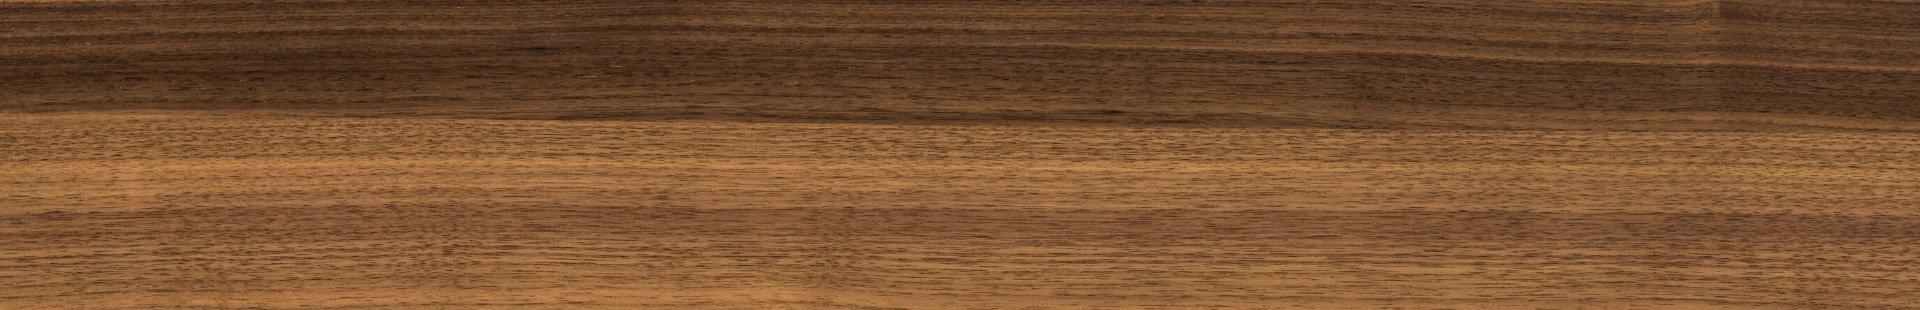 Pflege von Holz: Nussbaum